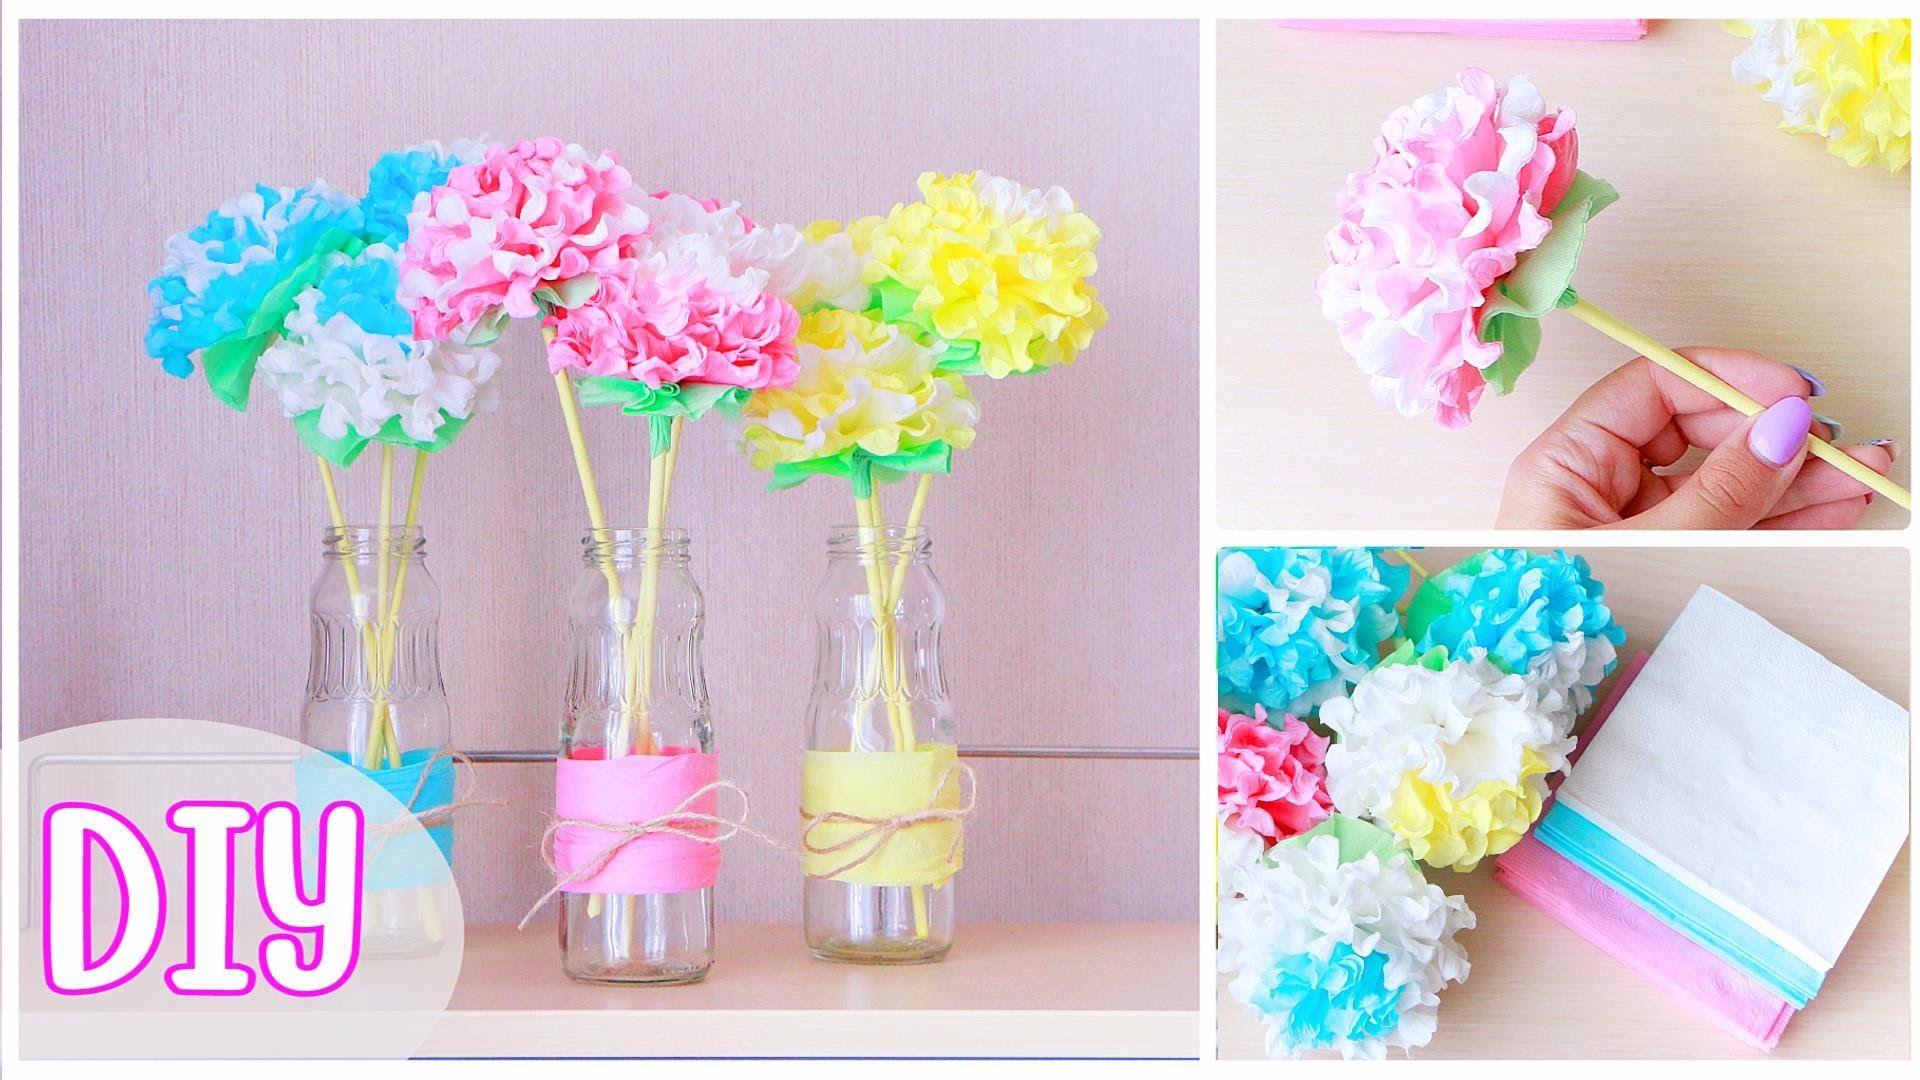 diy paper napkin flowers diy paper napkin flowers natalidoma mightylinksfo